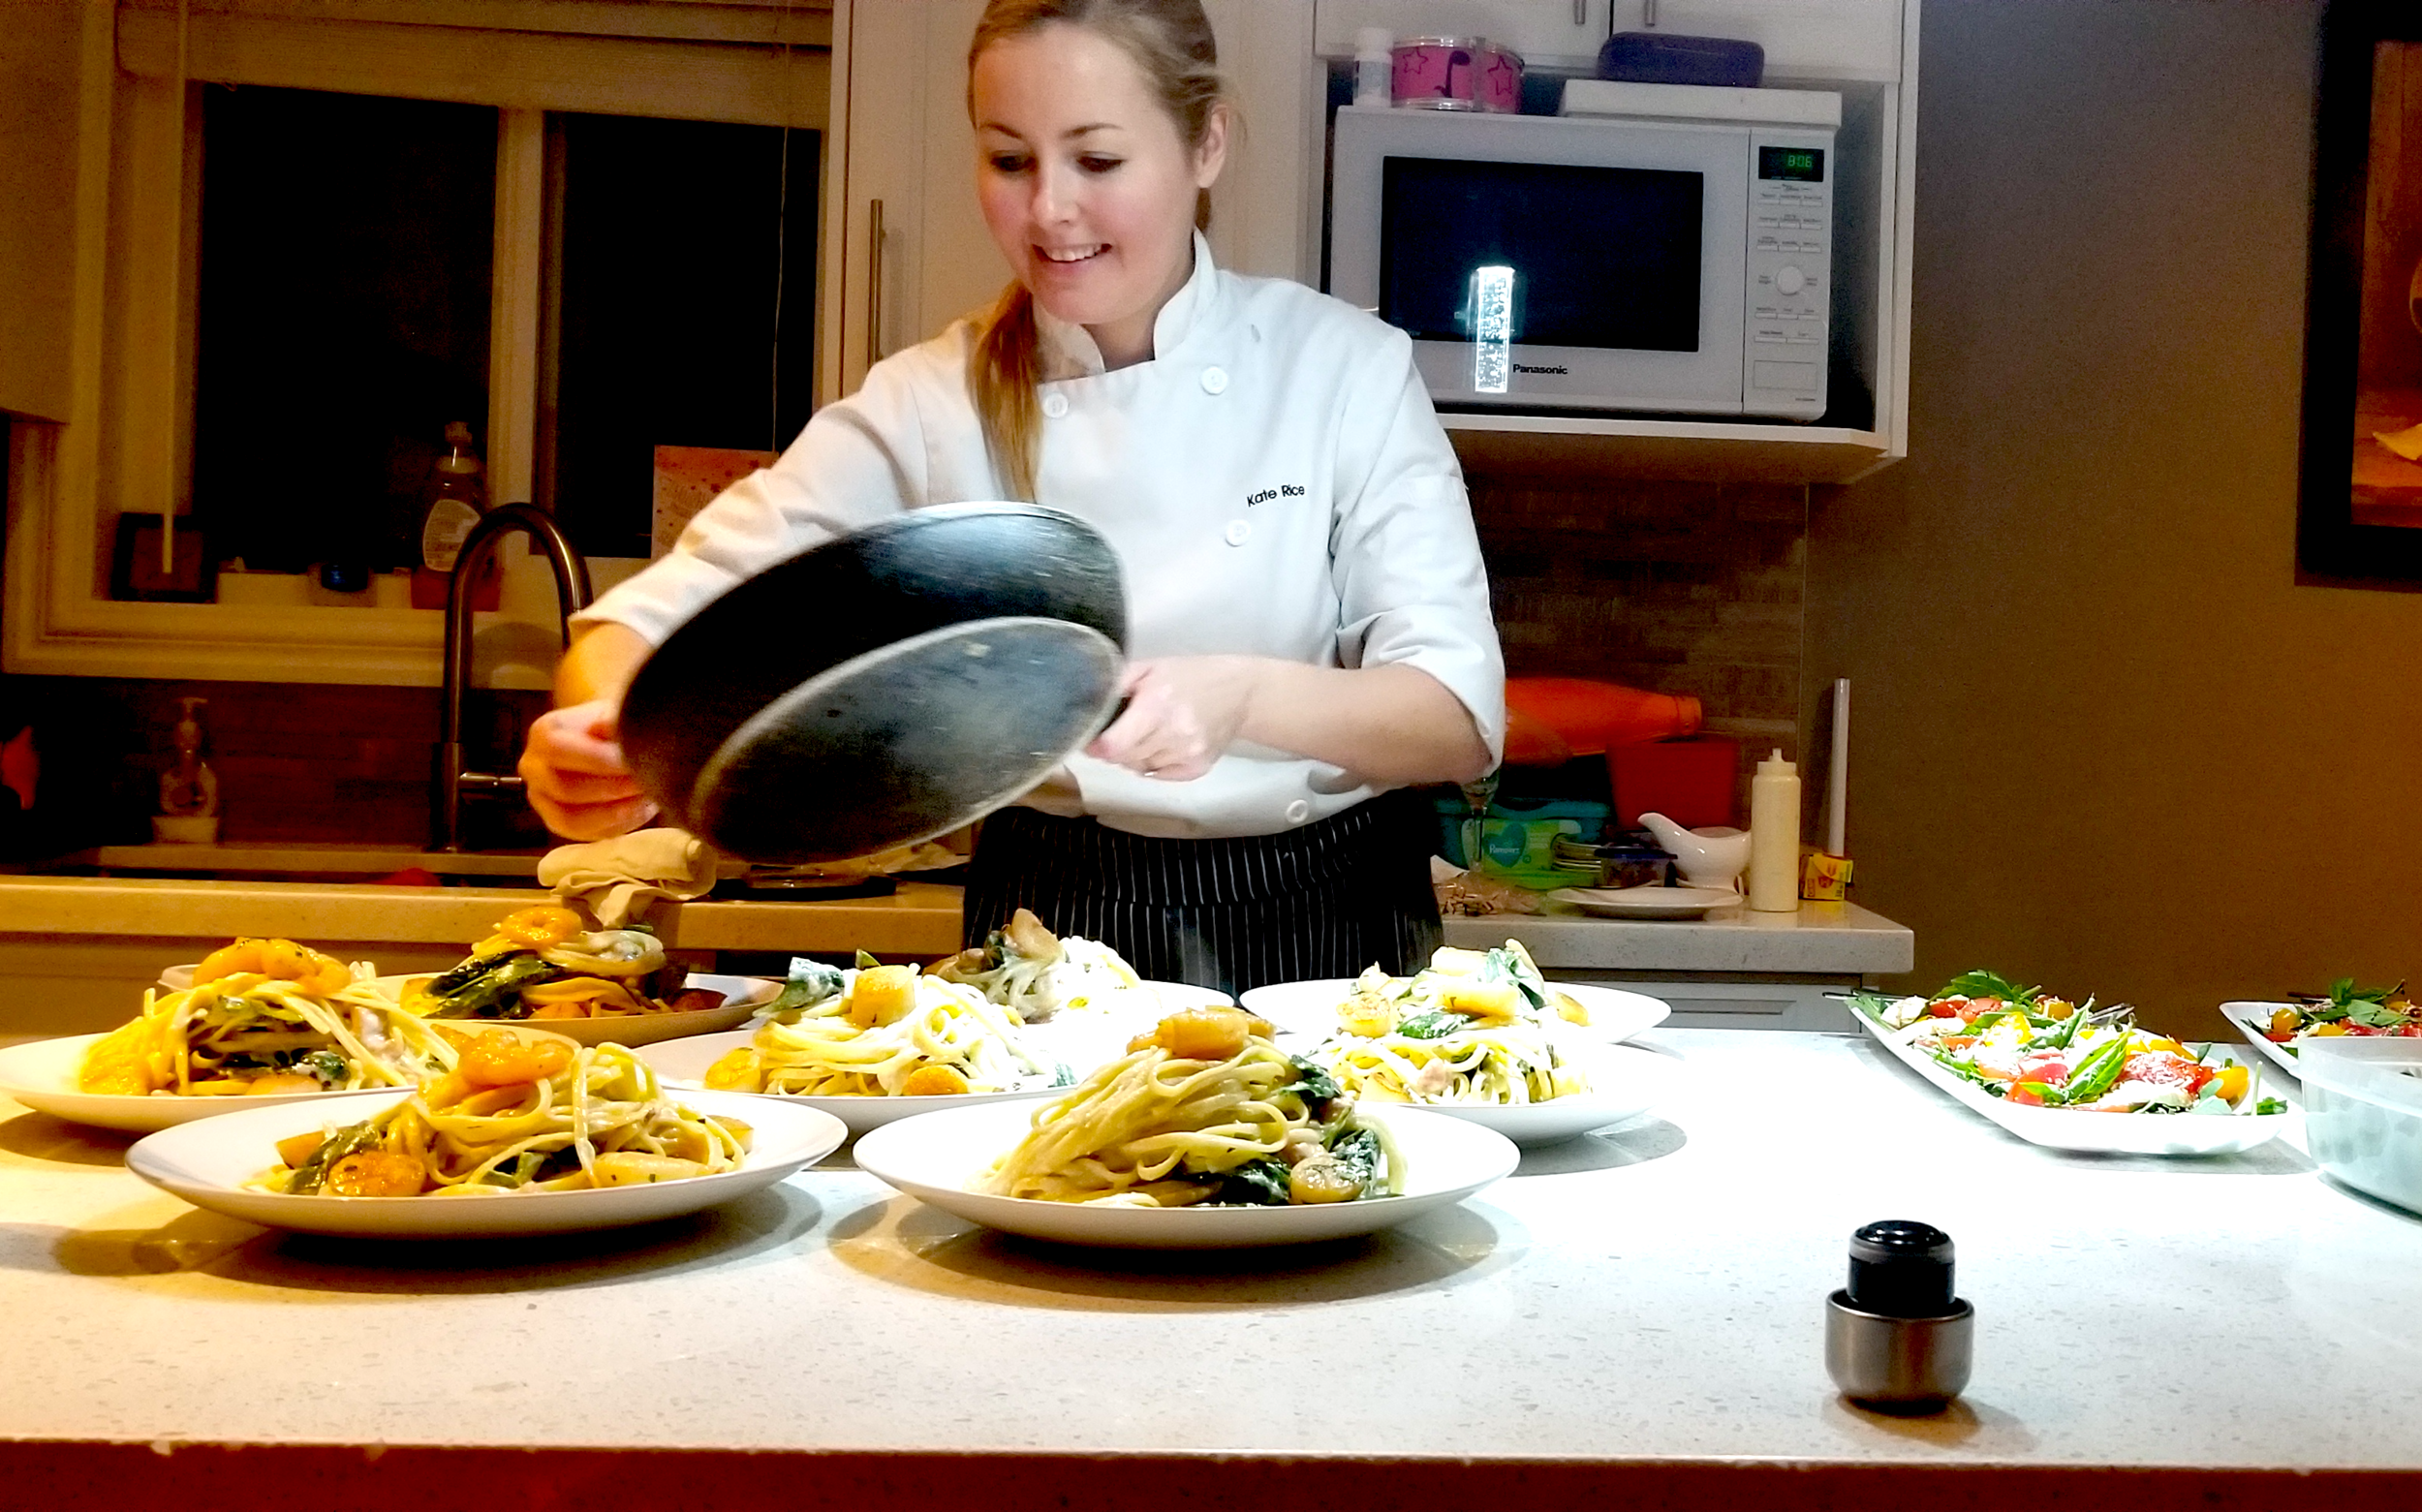 pasta plating.png